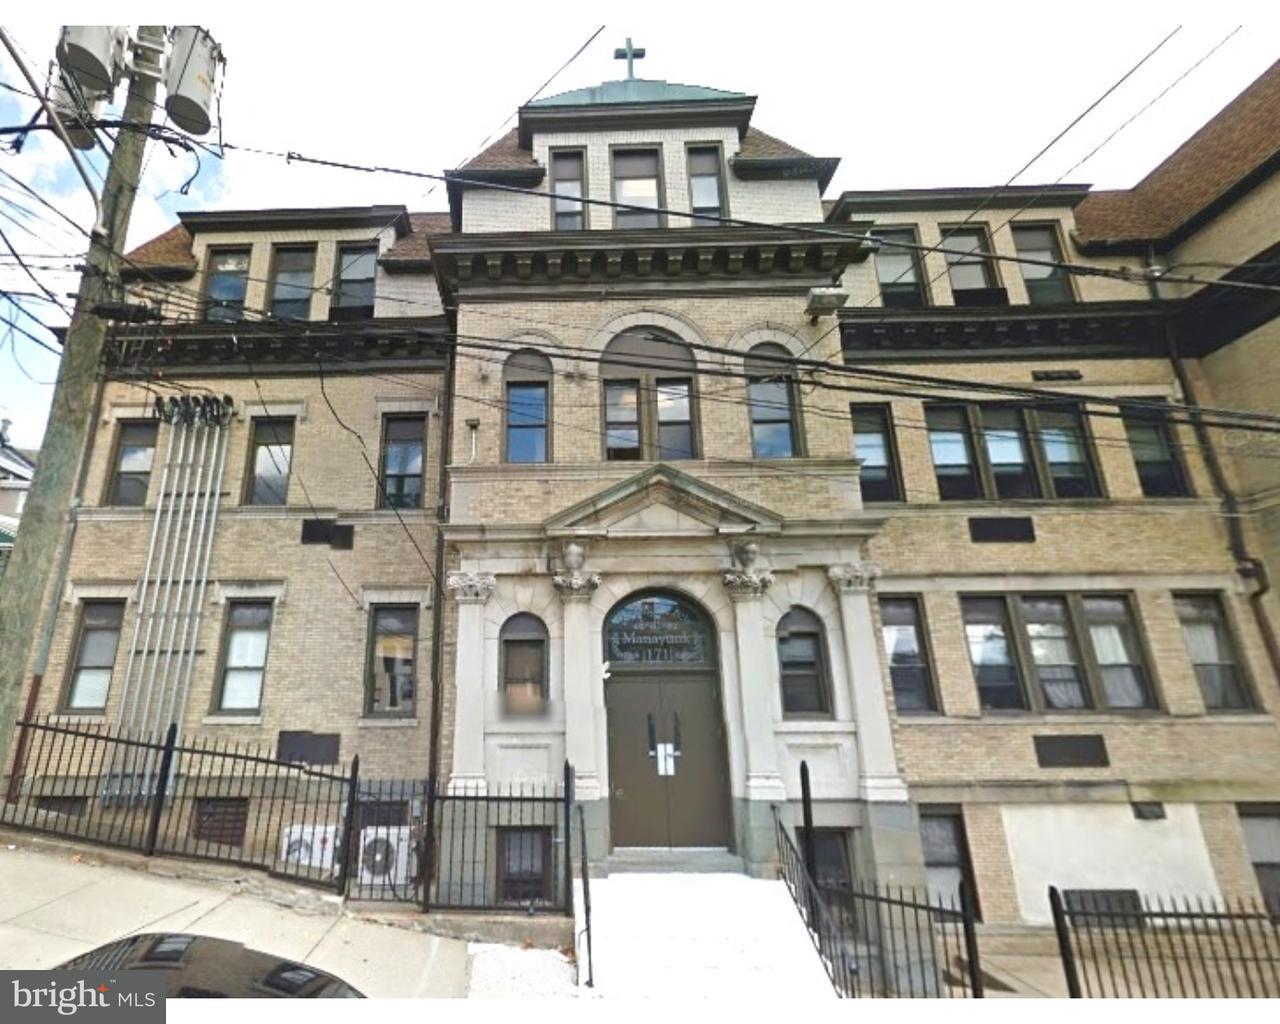 独户住宅 为 出租 在 171 GRAPE ST #201 费城, 宾夕法尼亚州 19127 美国